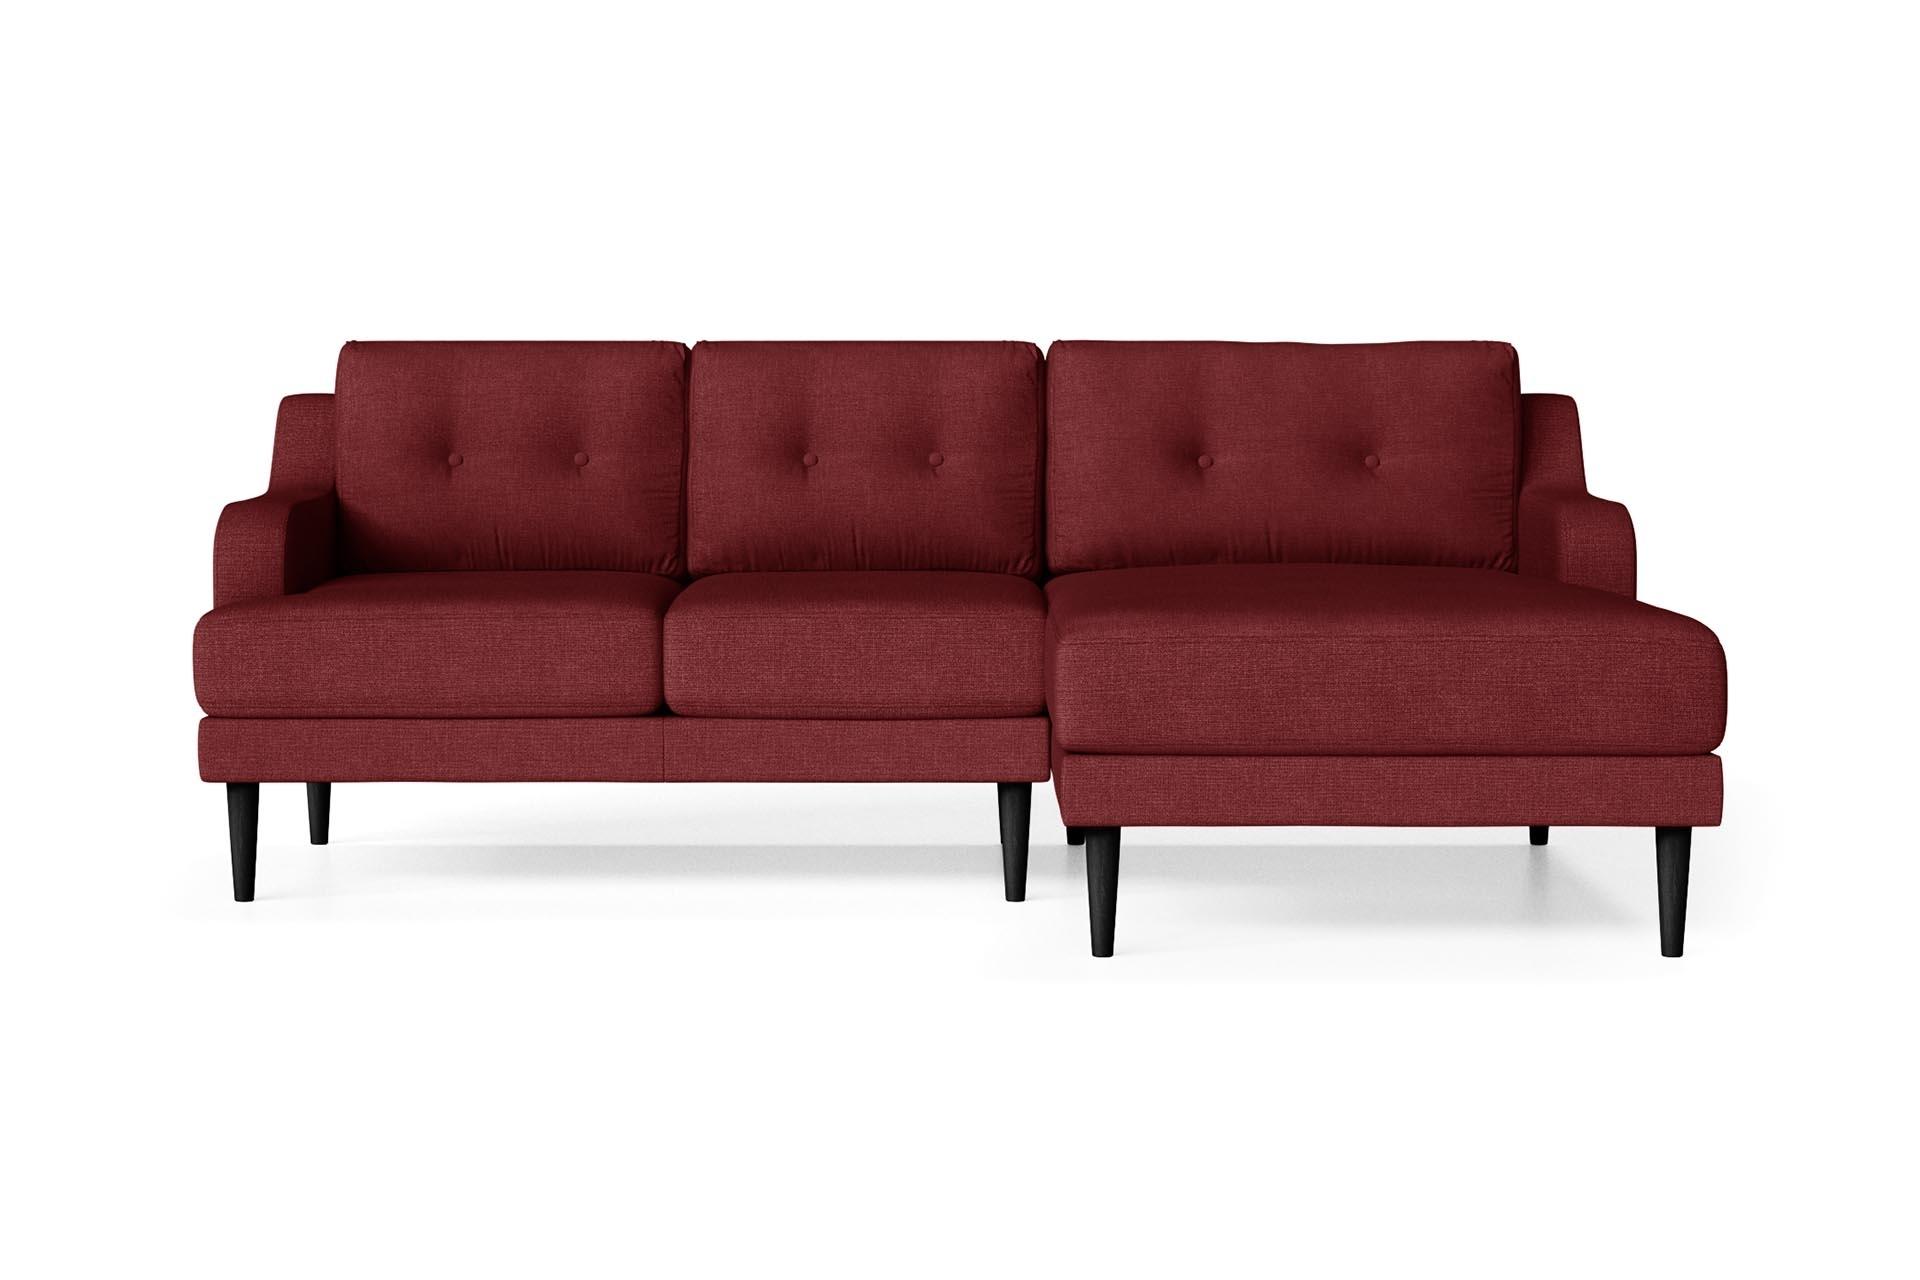 Canapé d'angle droit 4 places toucher lin rouge